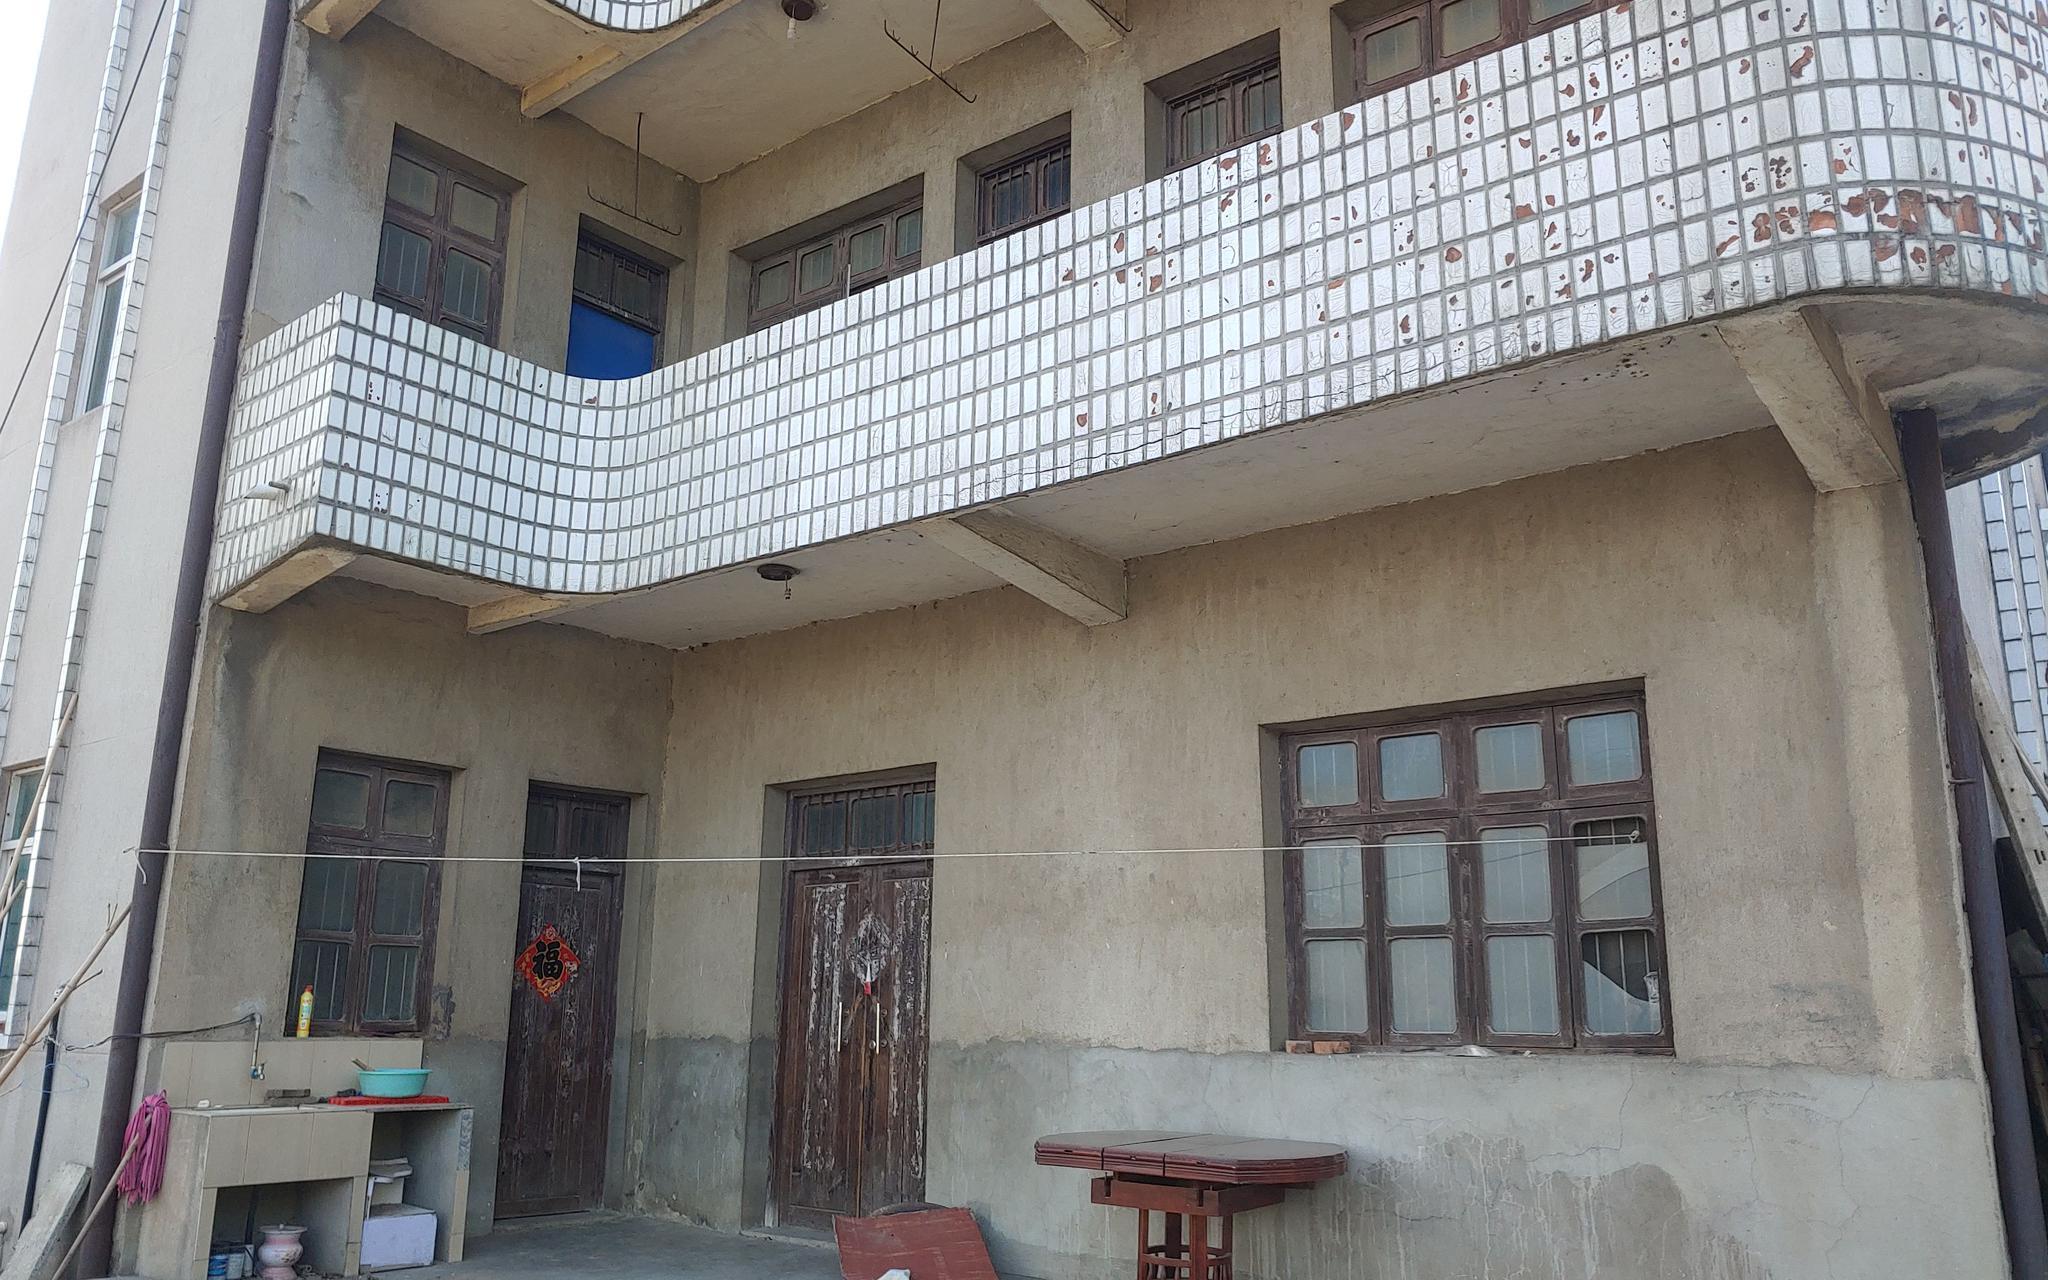 5月12日,老人生前居所门窗紧闭,此前只有老人和保姆在此居住。新京报记者 海阳 摄